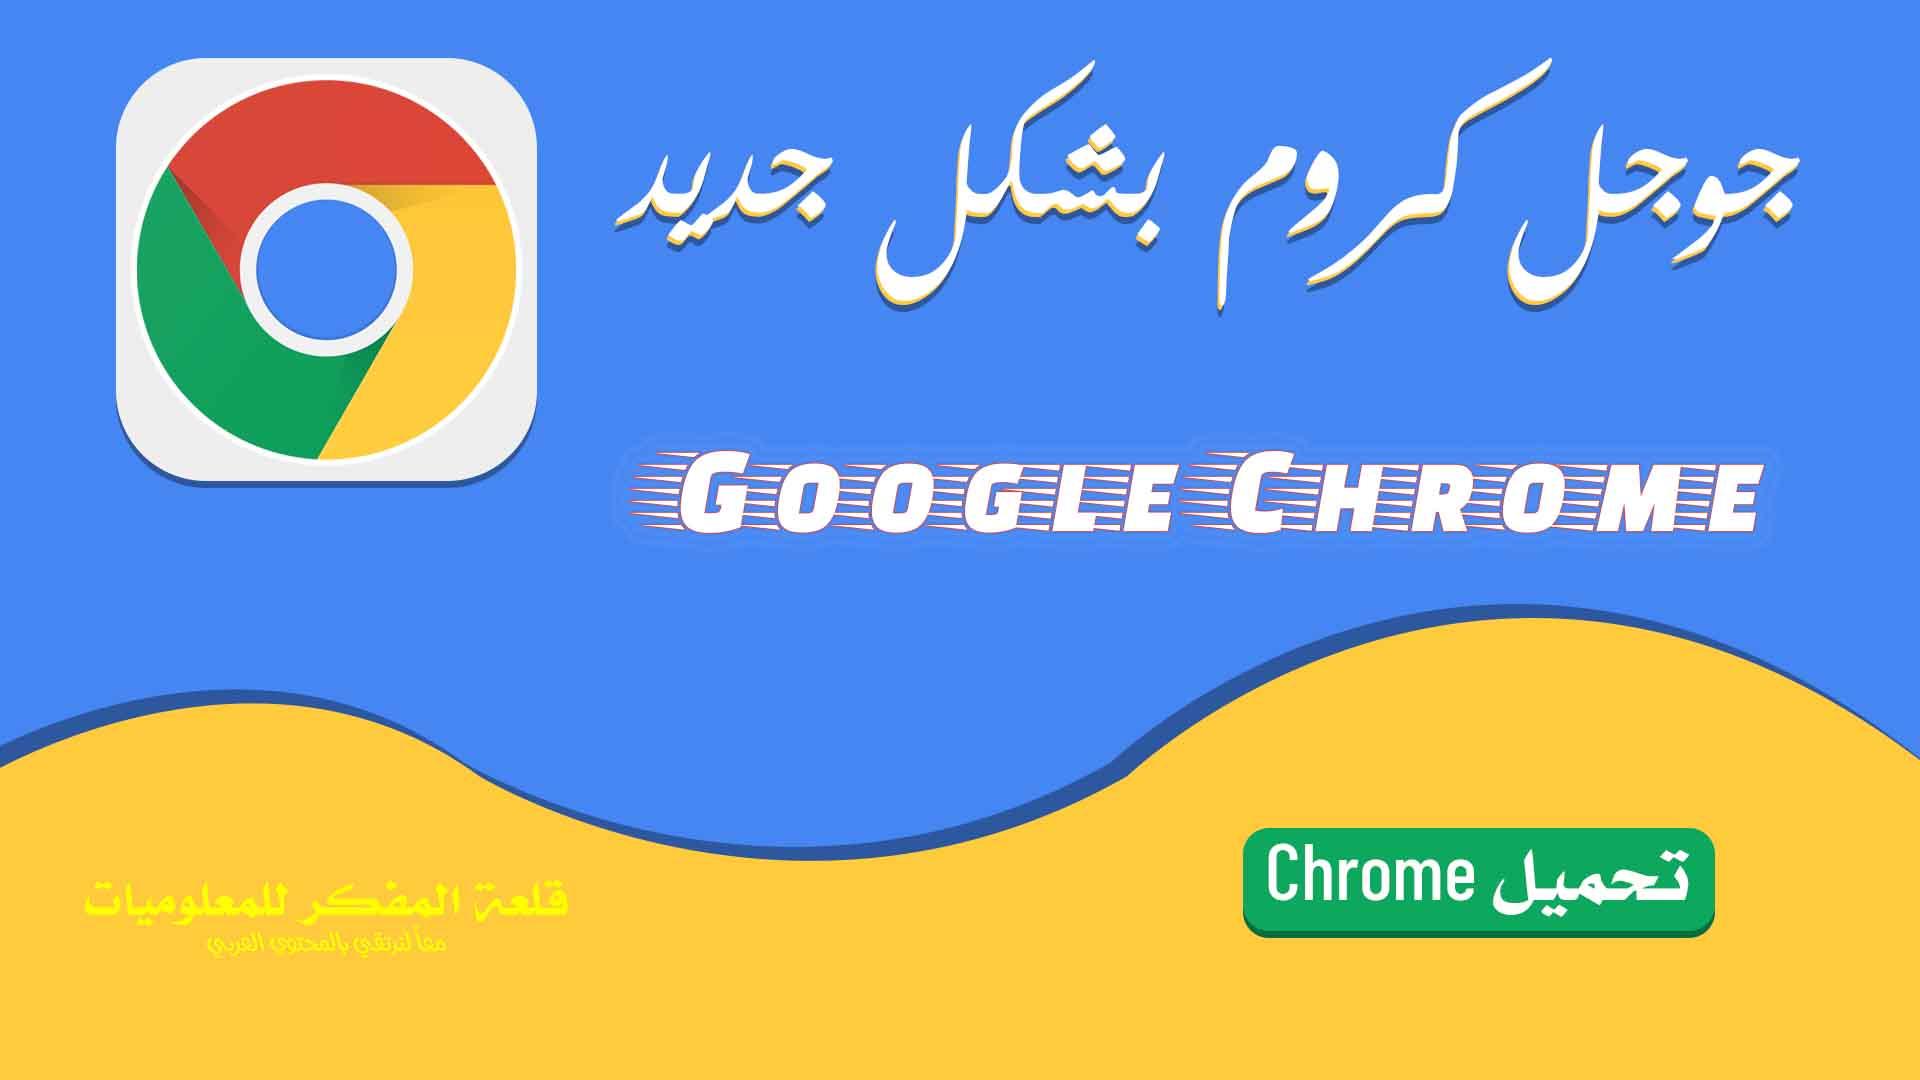 كيفية تحميل متصفح جوجل كروم الرسمي من الموقع الرسمي مباشرة للكمبيوتر والهاتف وجميع أنظمة التشغيل